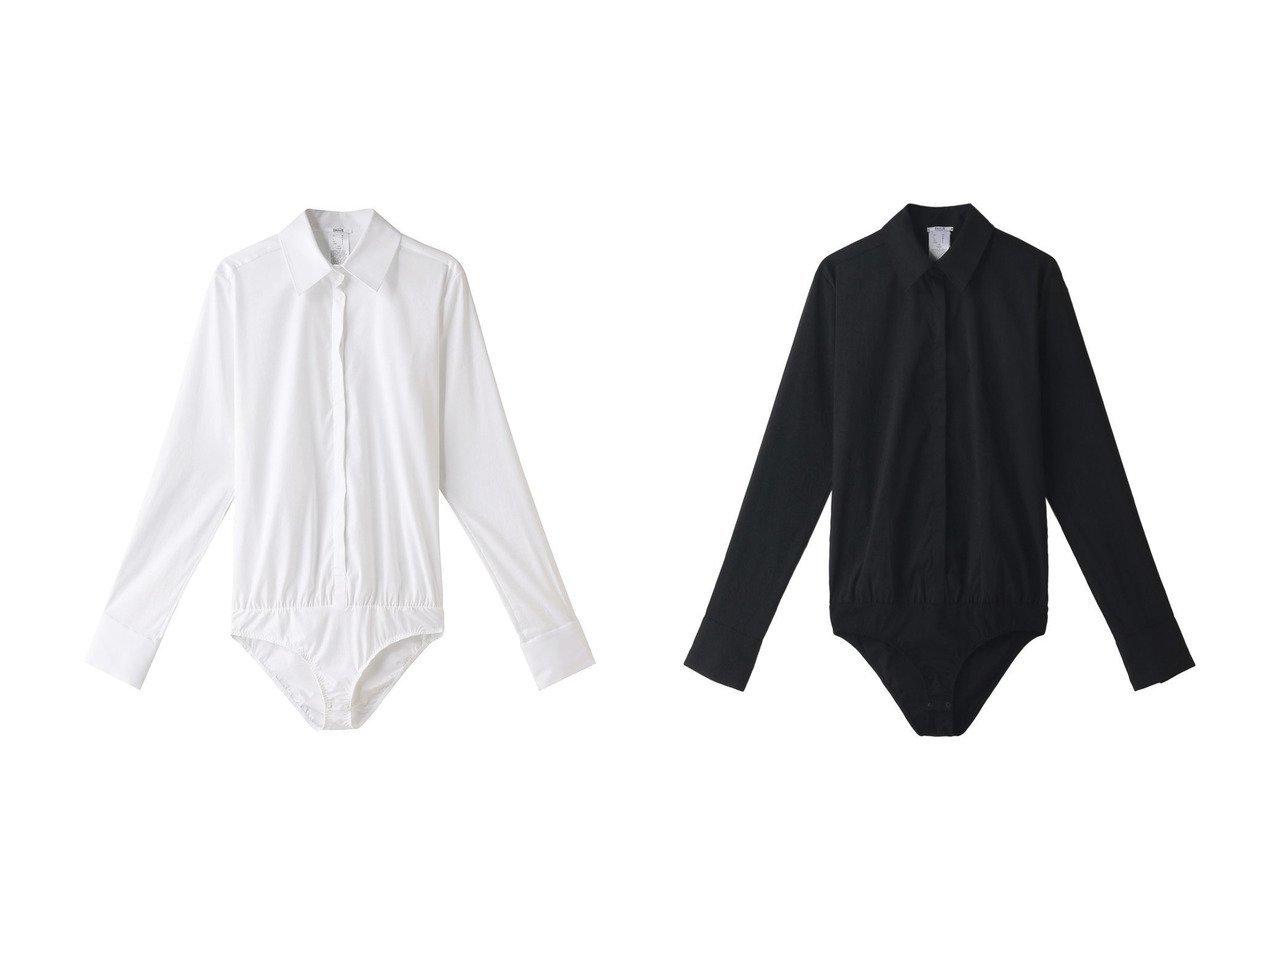 【Wolford/ウォルフォード】の79149 London Effect Body 【トップス・カットソー】おすすめ!人気、トレンド・レディースファッションの通販  おすすめで人気の流行・トレンド、ファッションの通販商品 インテリア・家具・メンズファッション・キッズファッション・レディースファッション・服の通販 founy(ファニー) https://founy.com/ ファッション Fashion レディースファッション WOMEN トップス・カットソー Tops/Tshirt シャツ/ブラウス Shirts/Blouses クラシック スリーブ センター ロング |ID:crp329100000062387